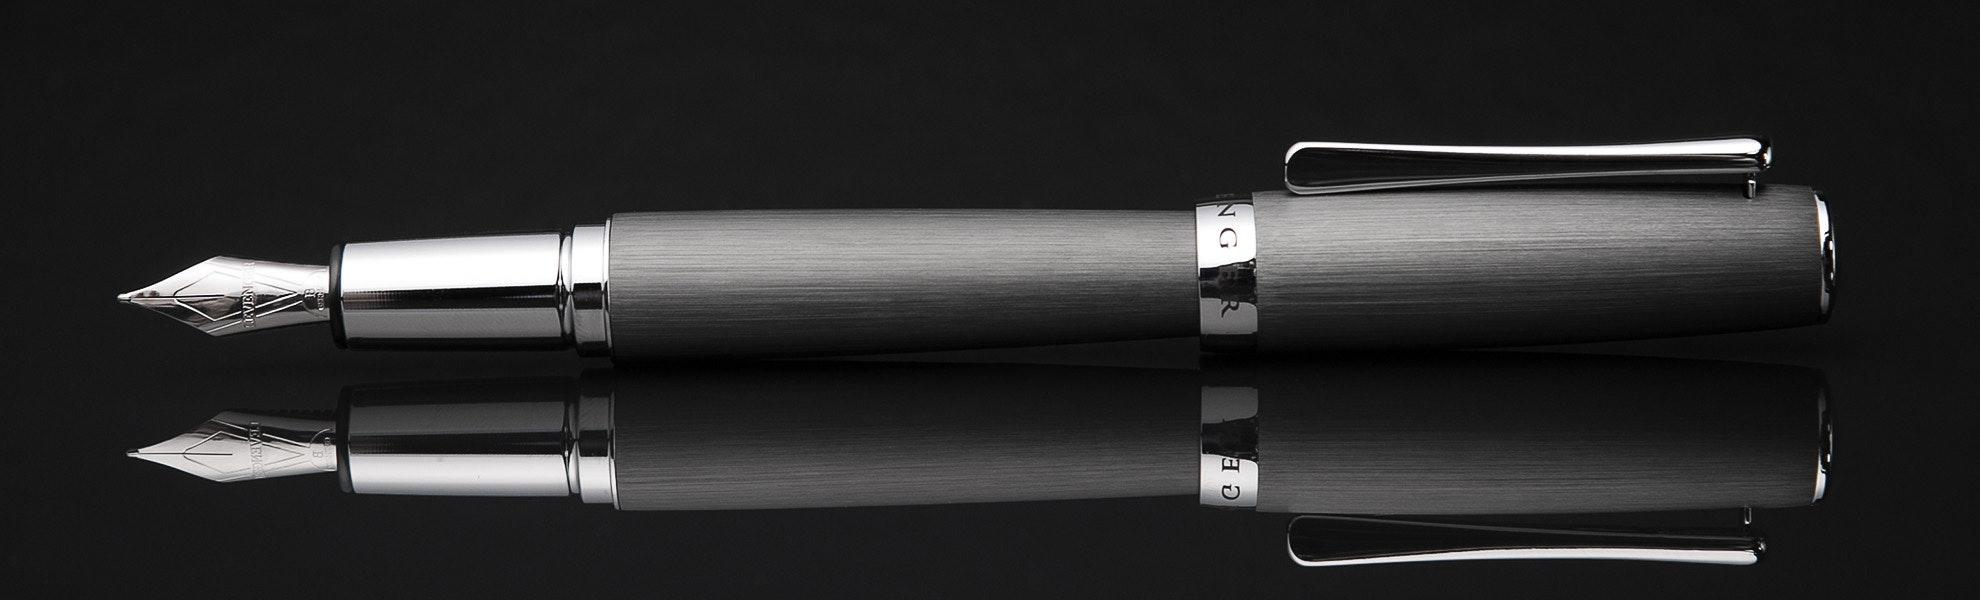 Levenger Splendor Fountain Pen